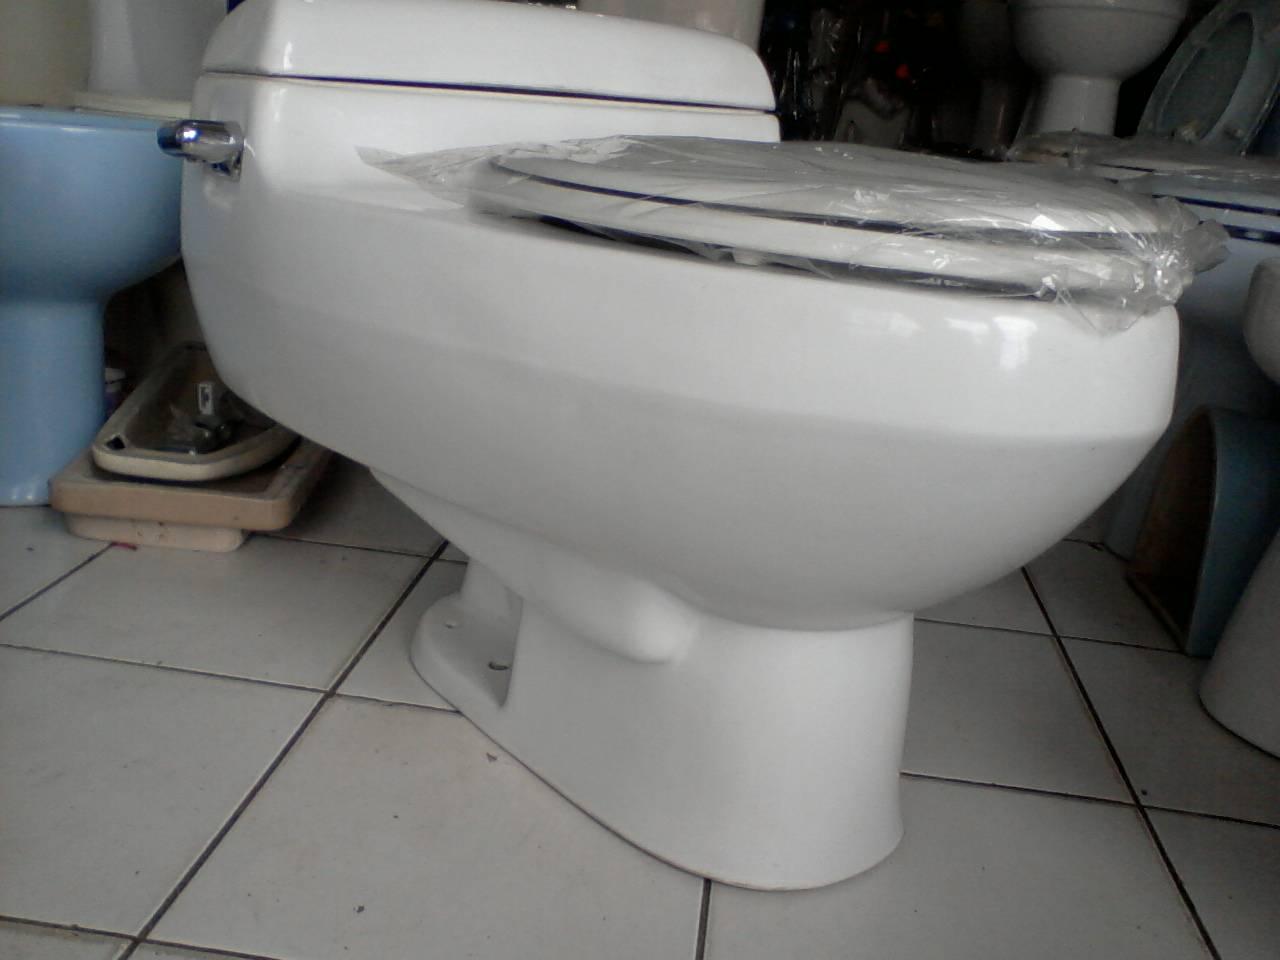 harga wc merk toto - harga terbaru kloset wc duduk 2018 tips ...